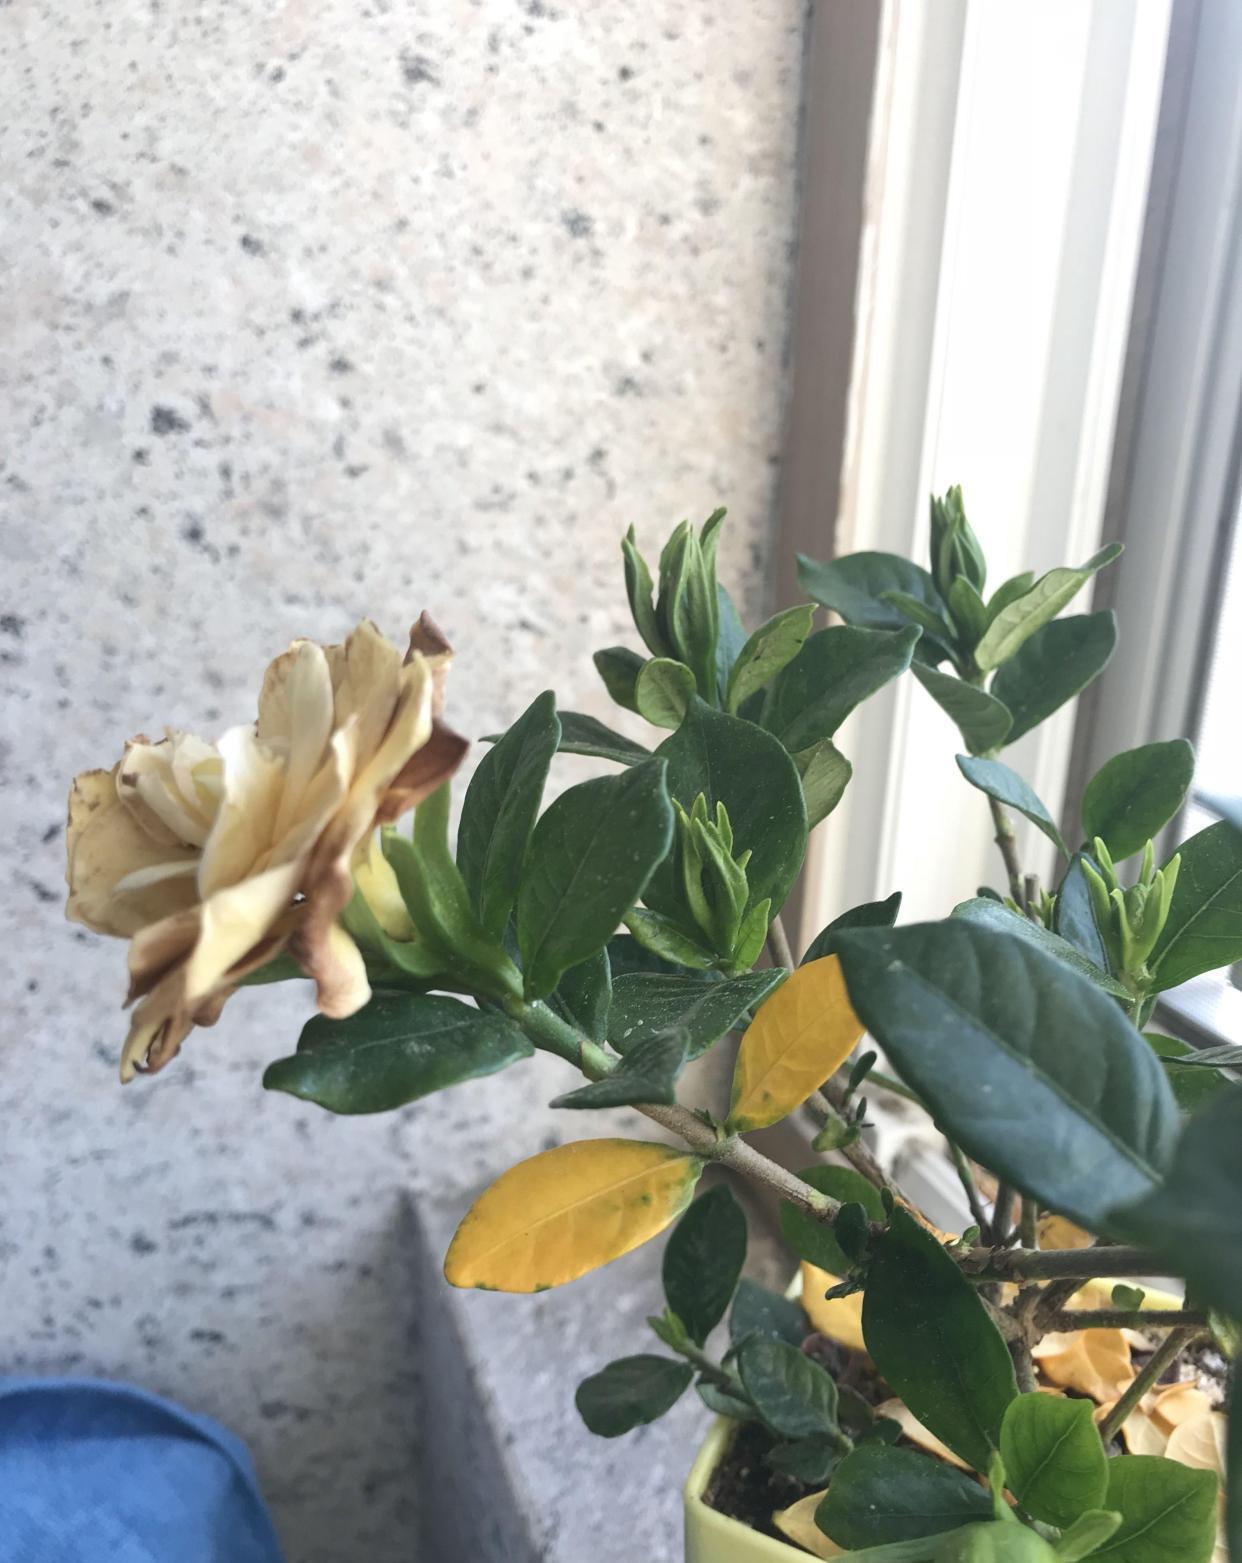 栀子花叶黄掉苞,是3大原因造成的,怎么办?